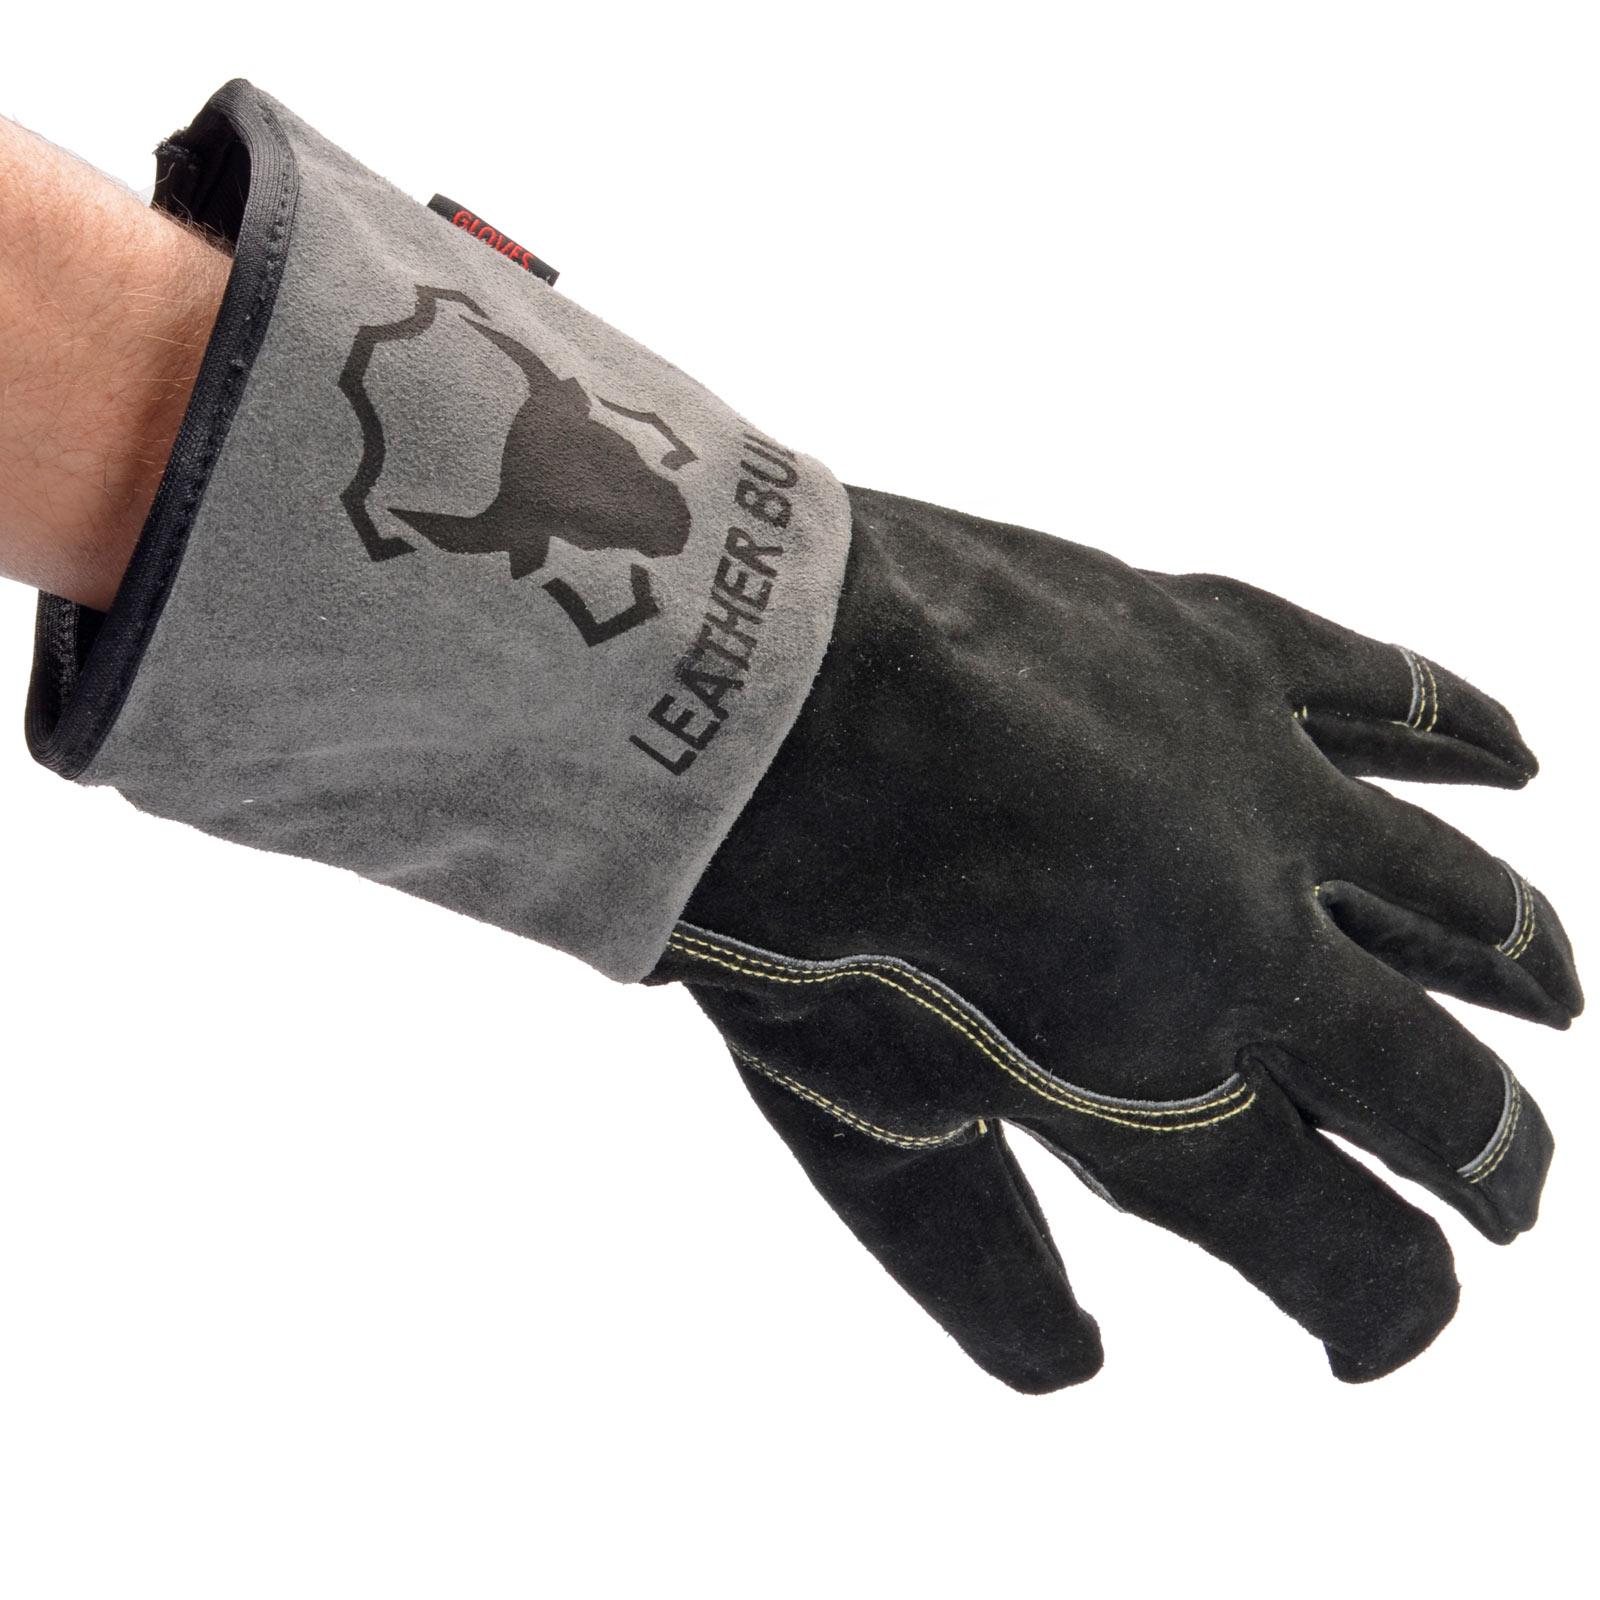 Grillhandschuh Leatherbull Premium